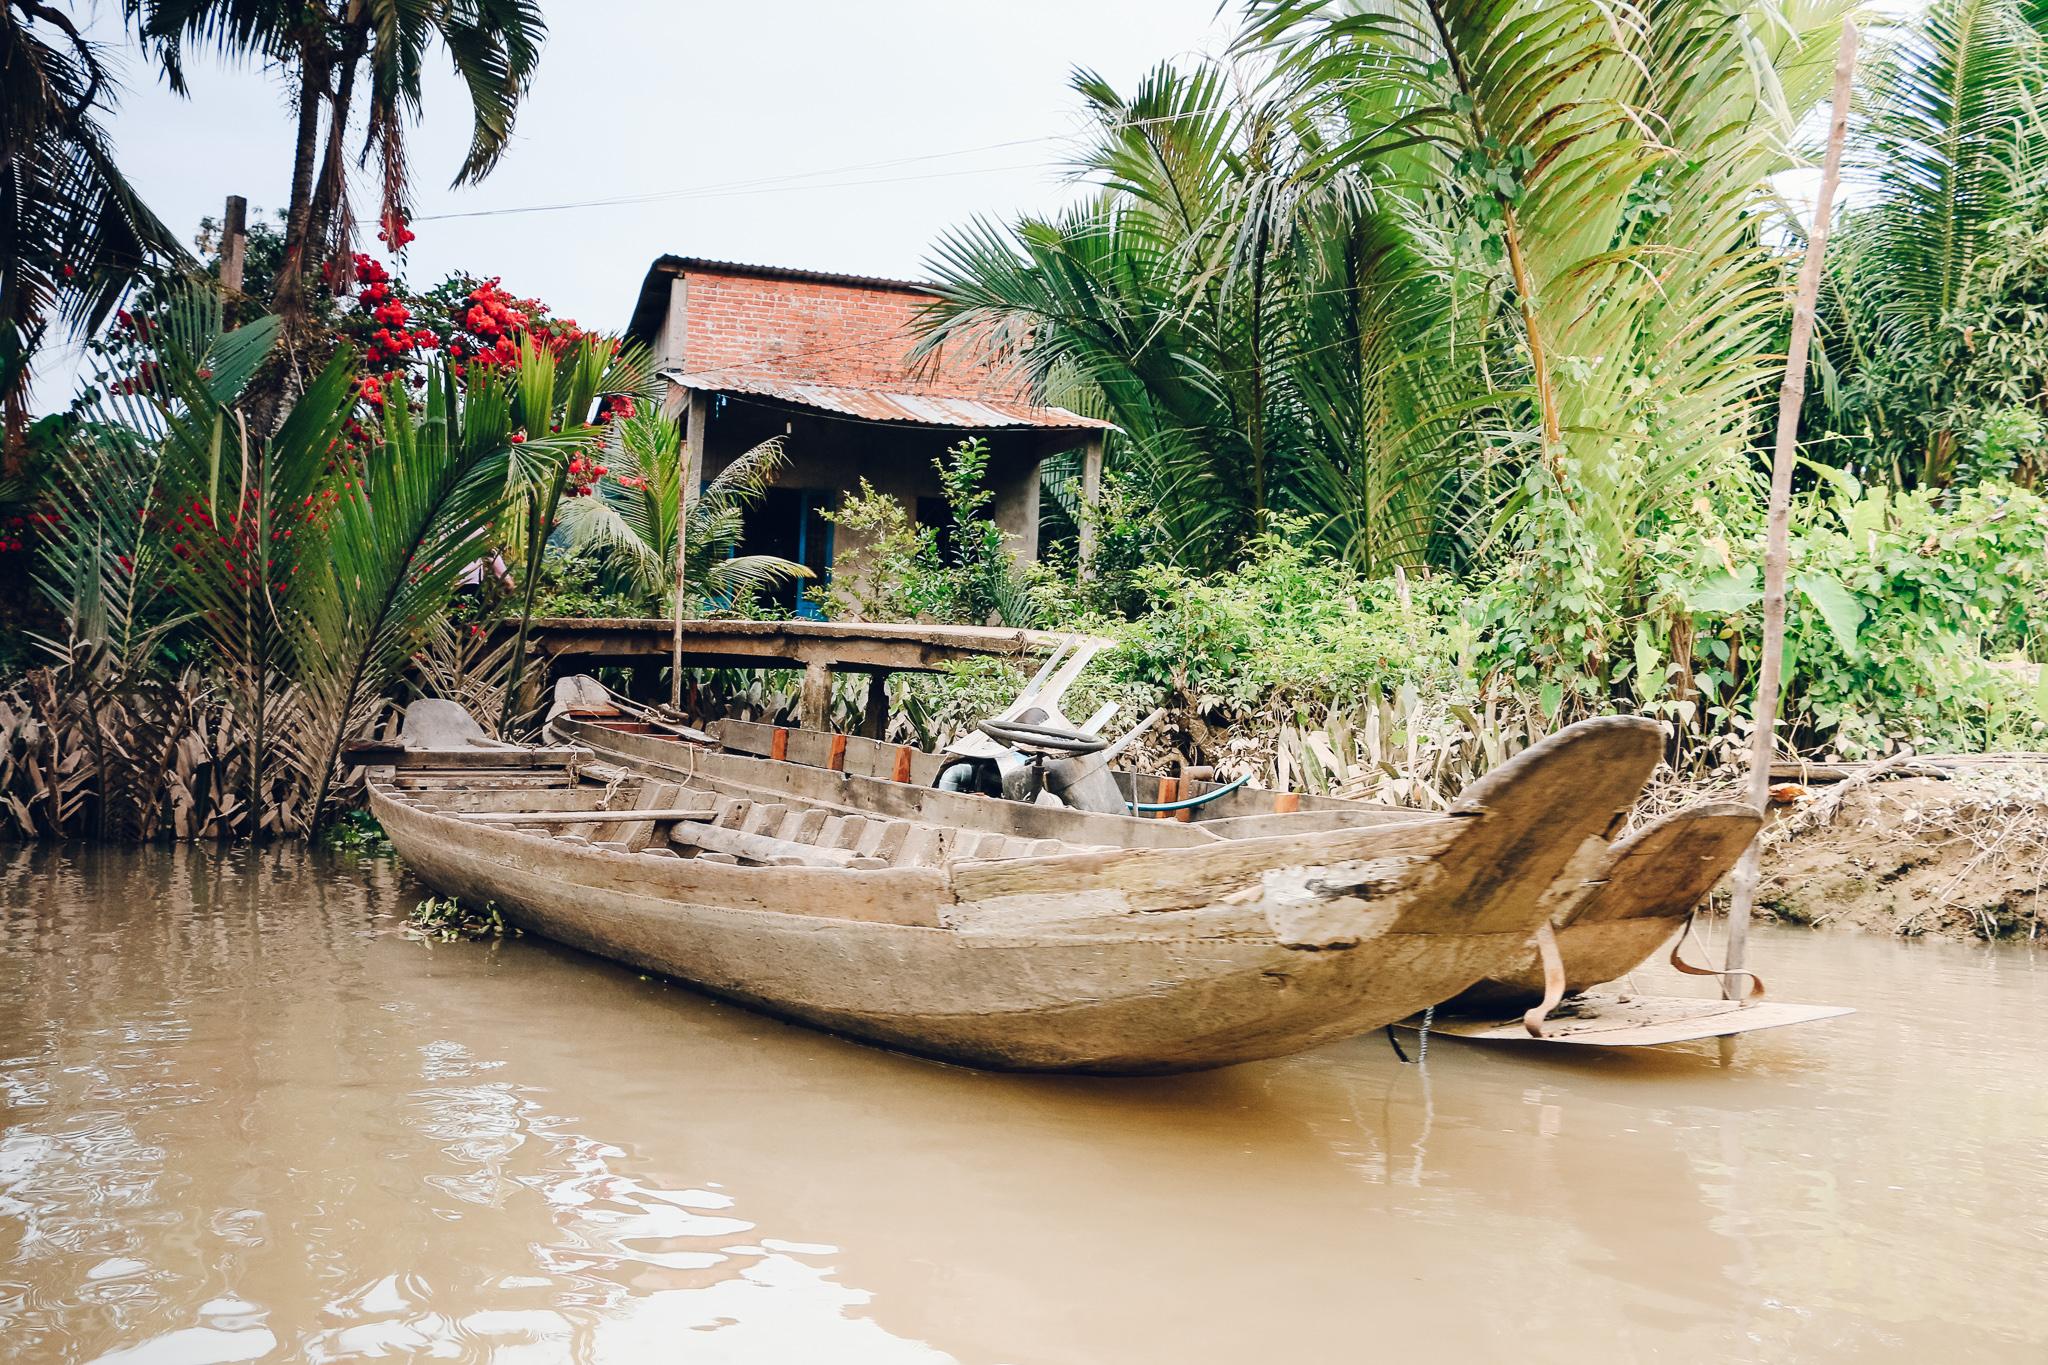 Boat Tour in Mekong Delta Vietnam